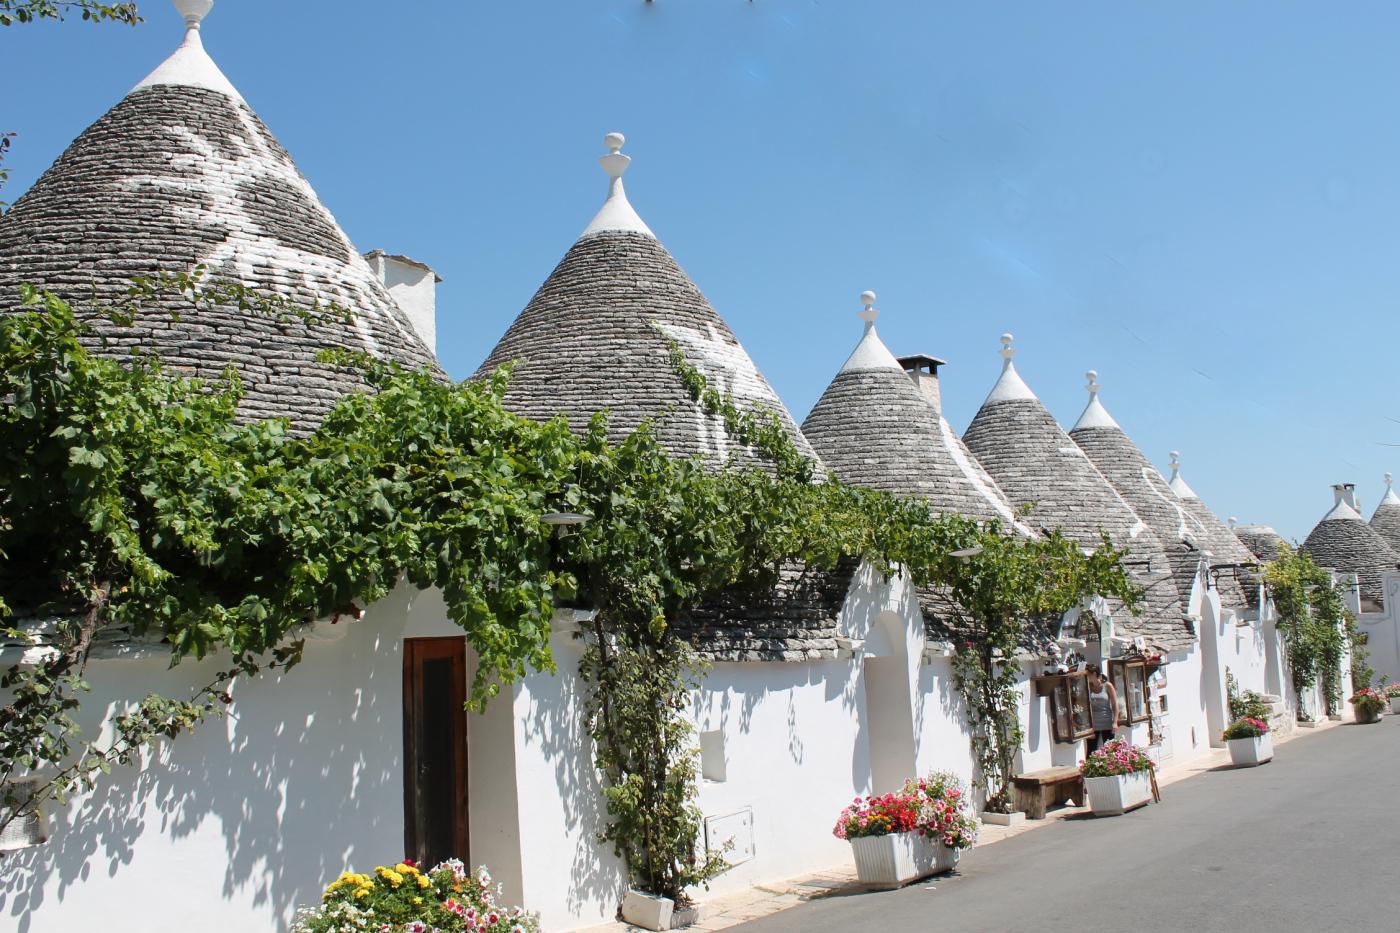 とんがり屋根に白い壁。地面からにょきにょきと生えてきたようなおとぎ話ホテル「ル・アルコーヴェ」